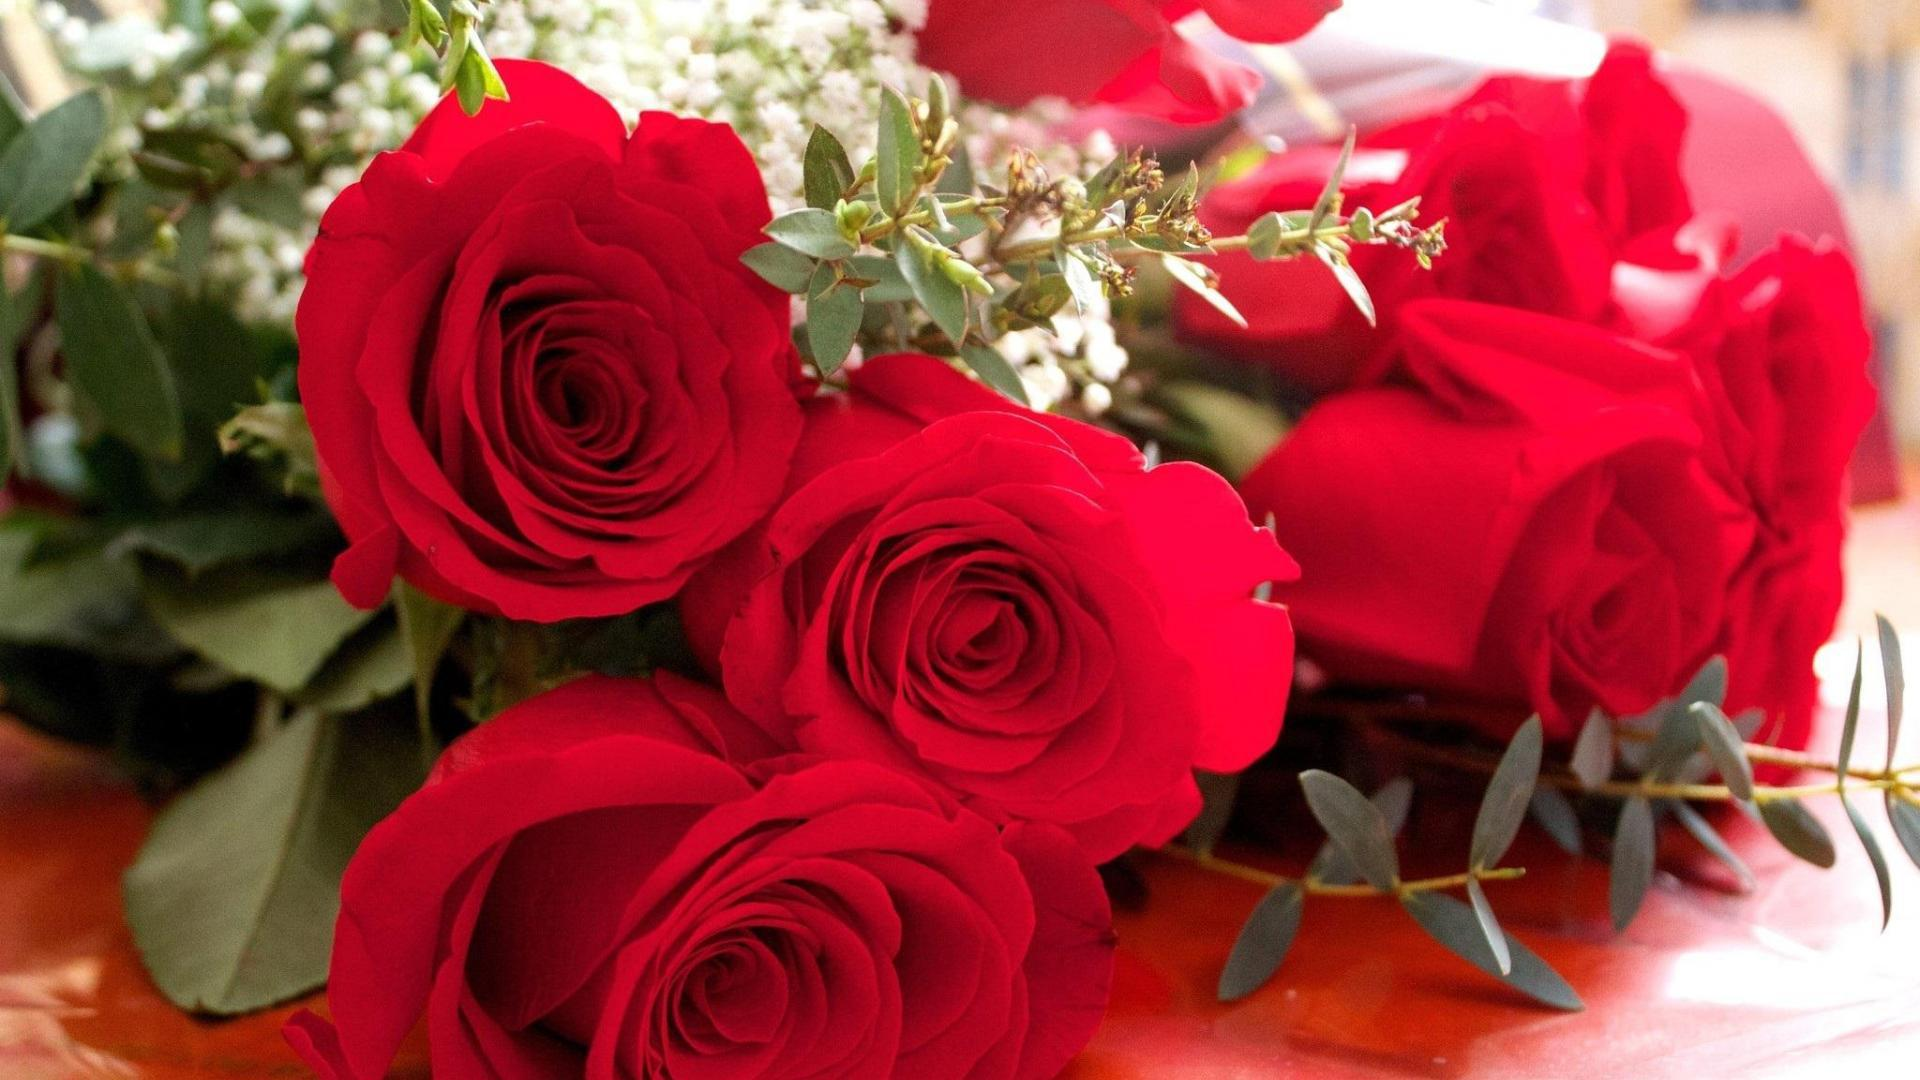 بالصور بوكيه ورد احمر , اجمل صور لبوكيهات الورد باللون الاحمر 4431 6